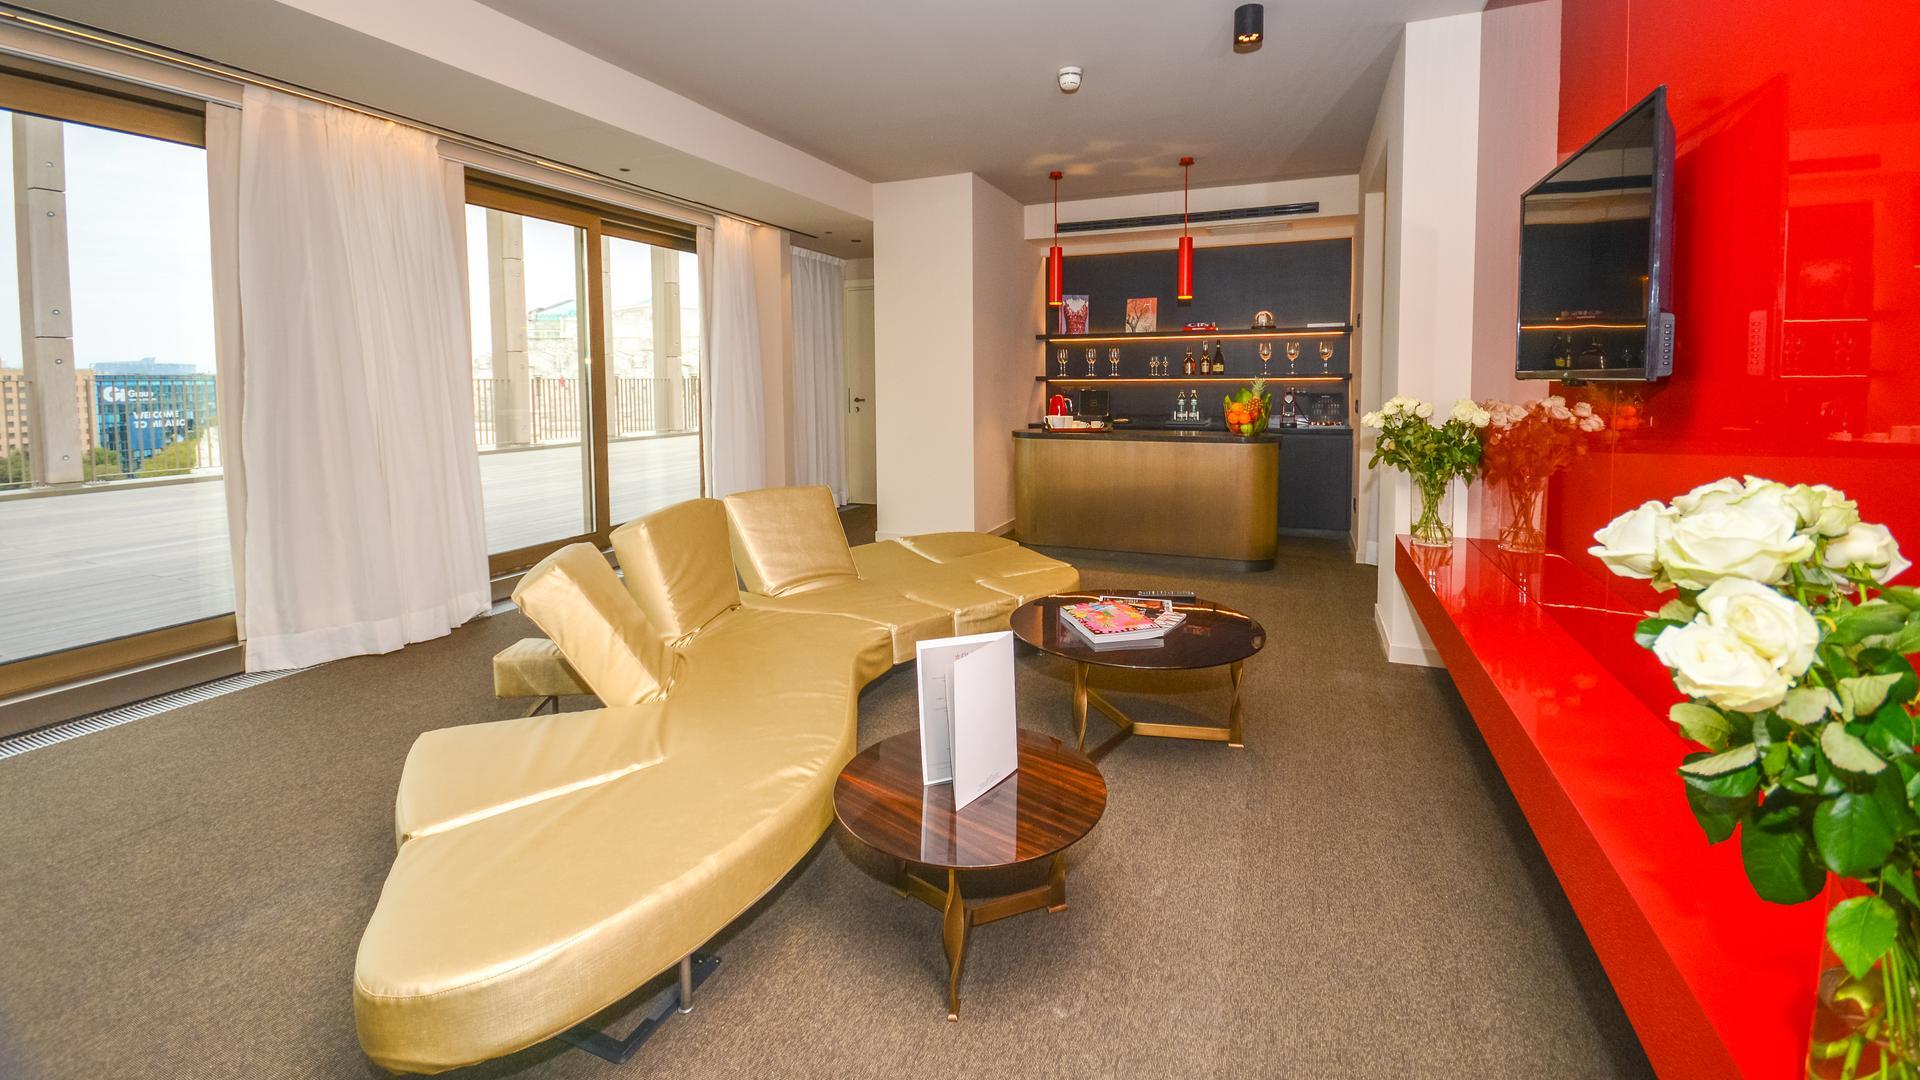 Hotel di lusso in italia ultime aperture a milano for Arredi per alberghi e hotel